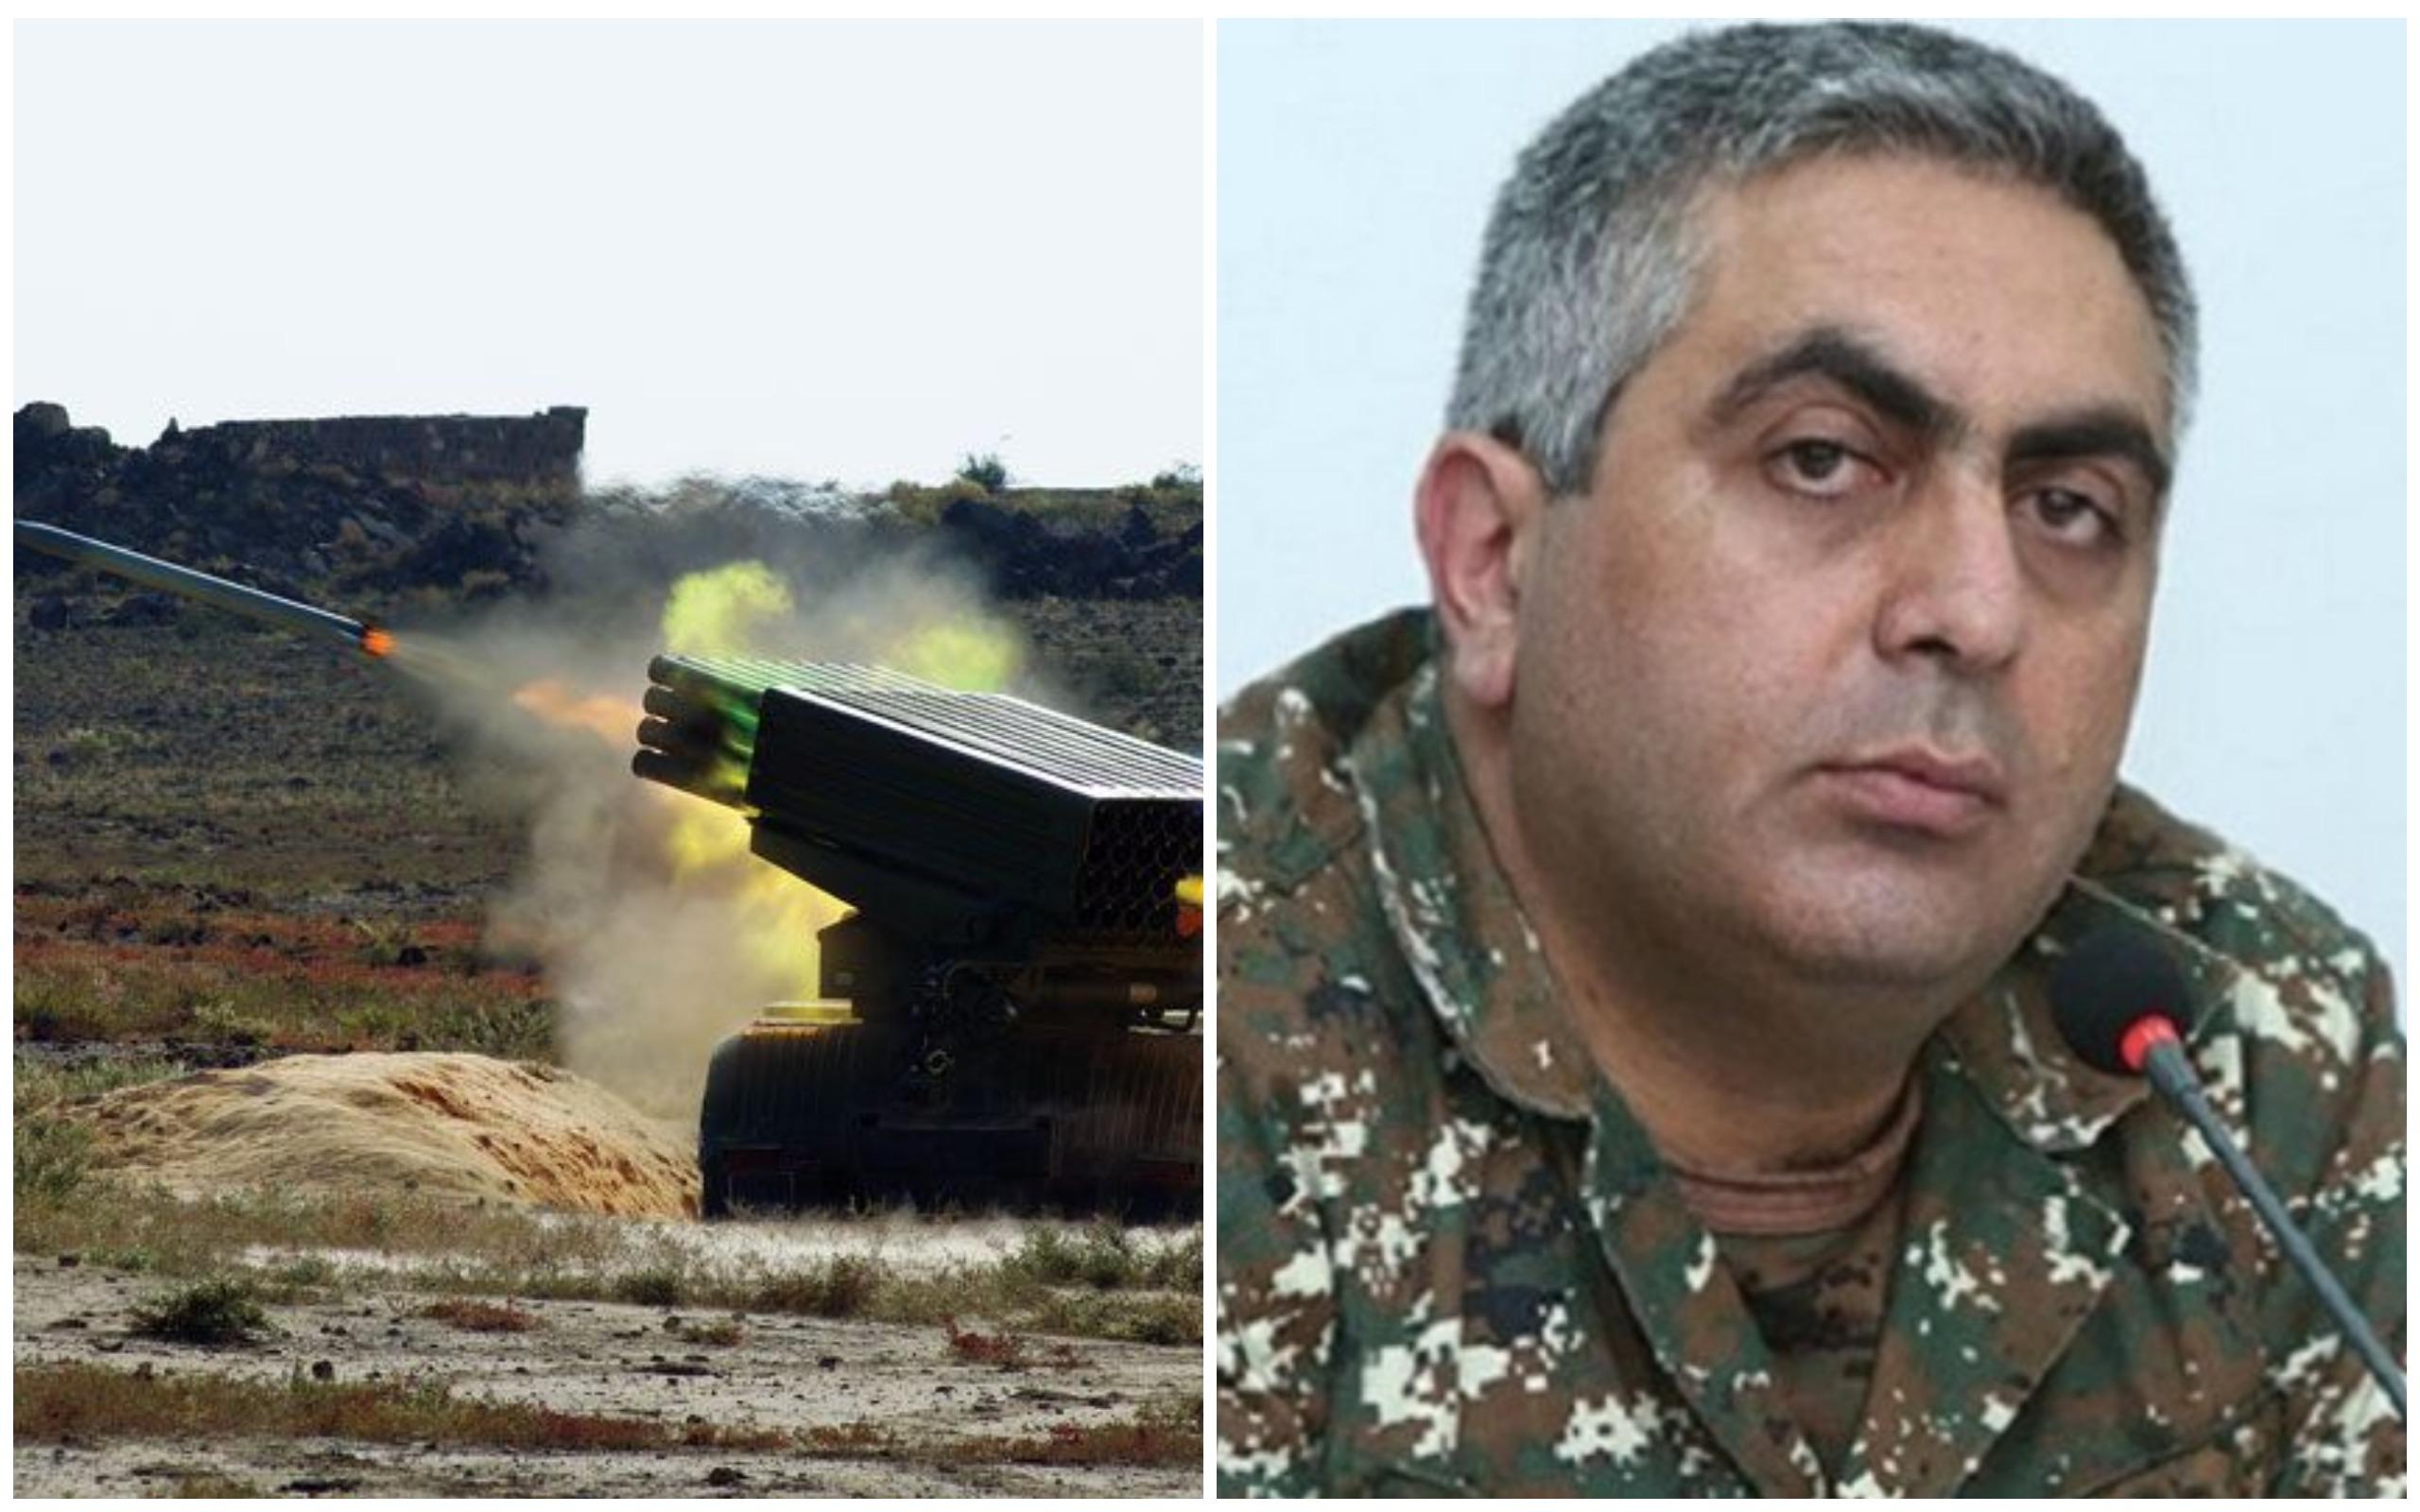 Իրավիճակը ռազմաճակատում... մանրամասնում է Արծրուն Հովհաննիսյանը